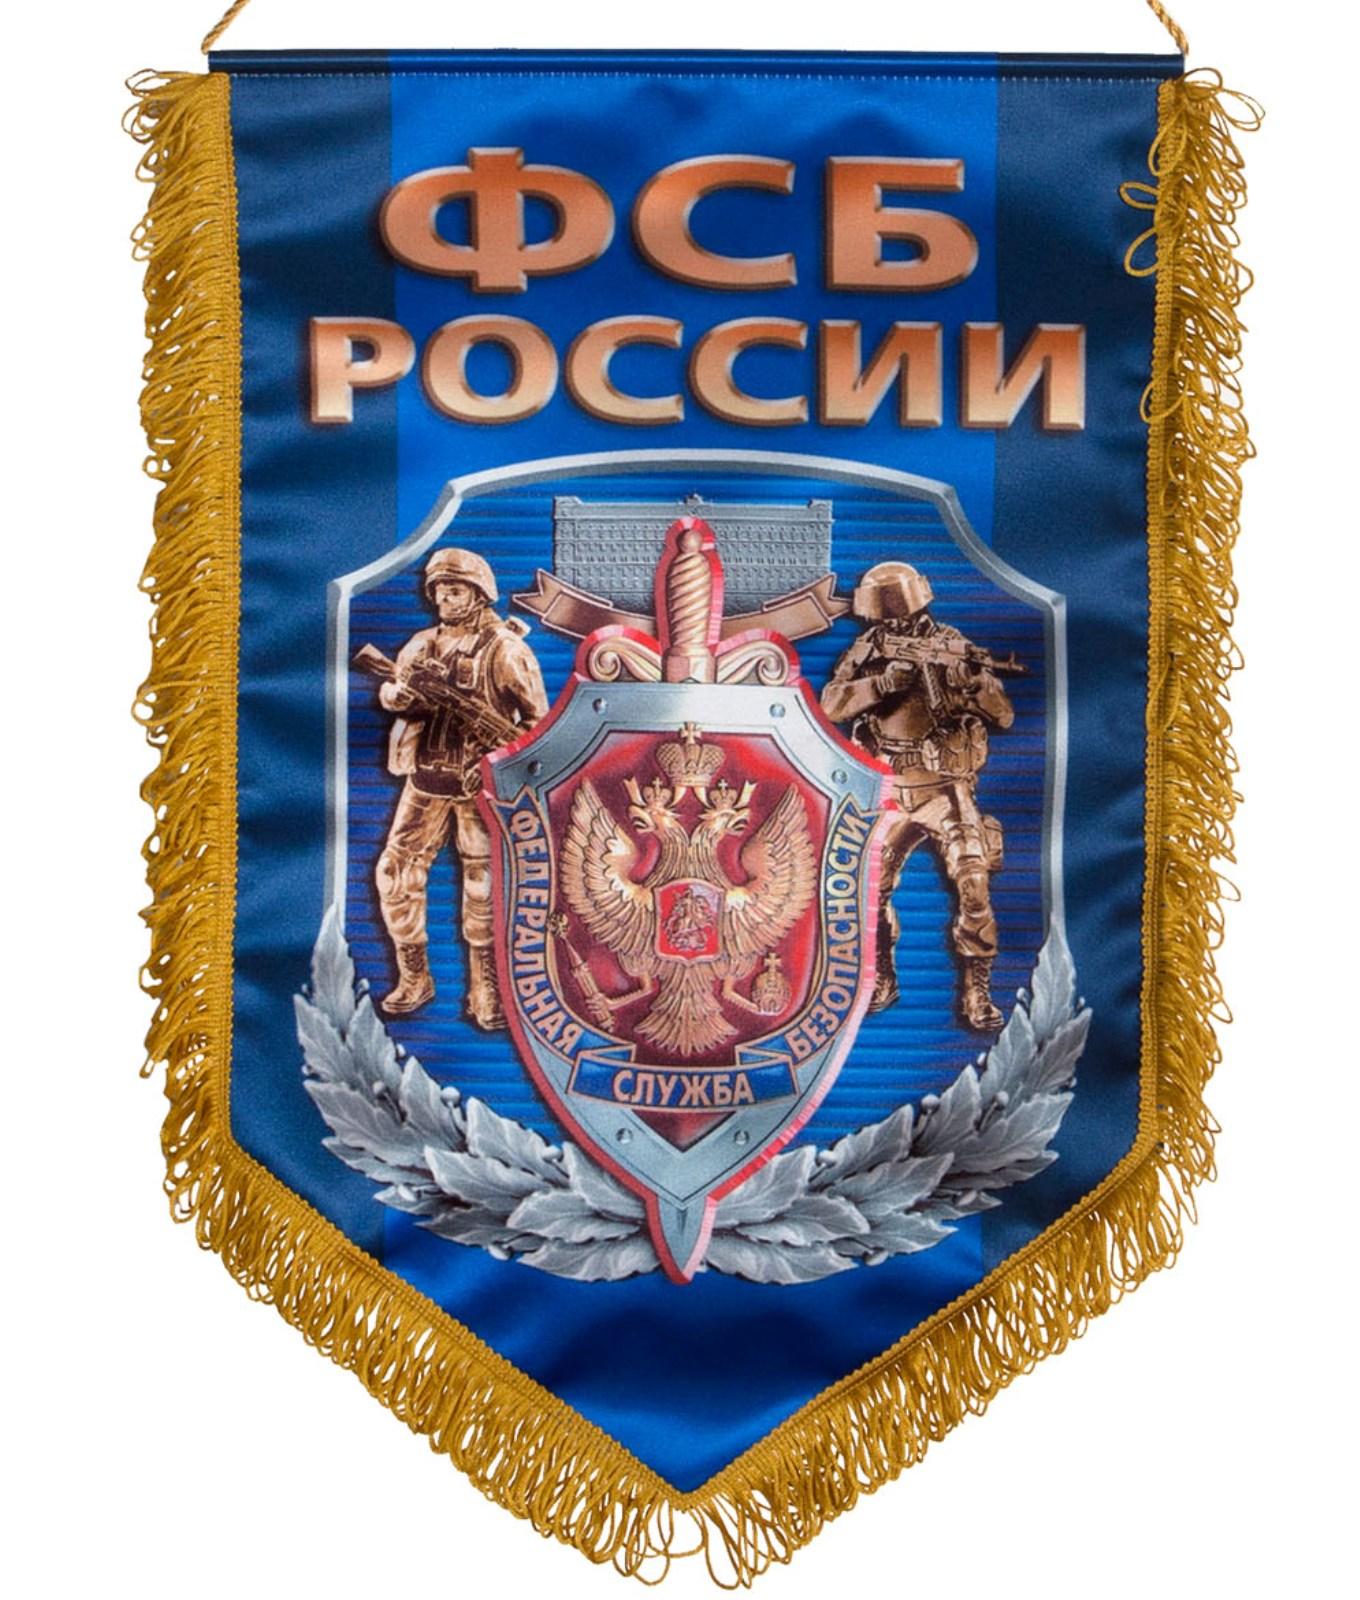 Сувенирный вымпел ФСБ России в подарок